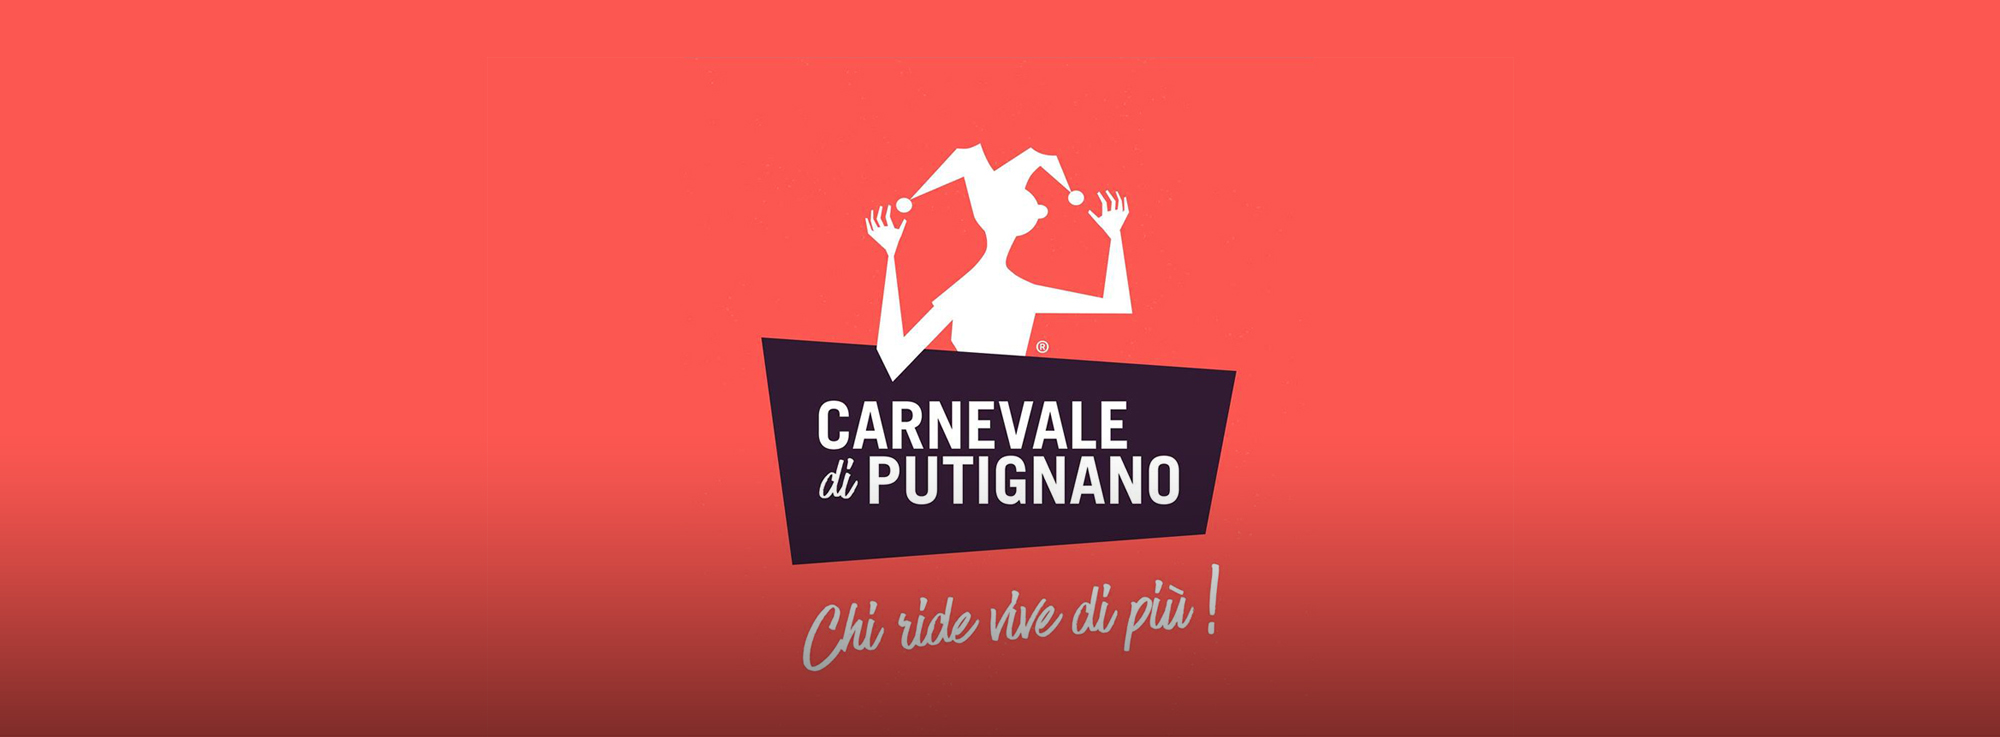 Putignano : Clementino al Carnevale di Putignano